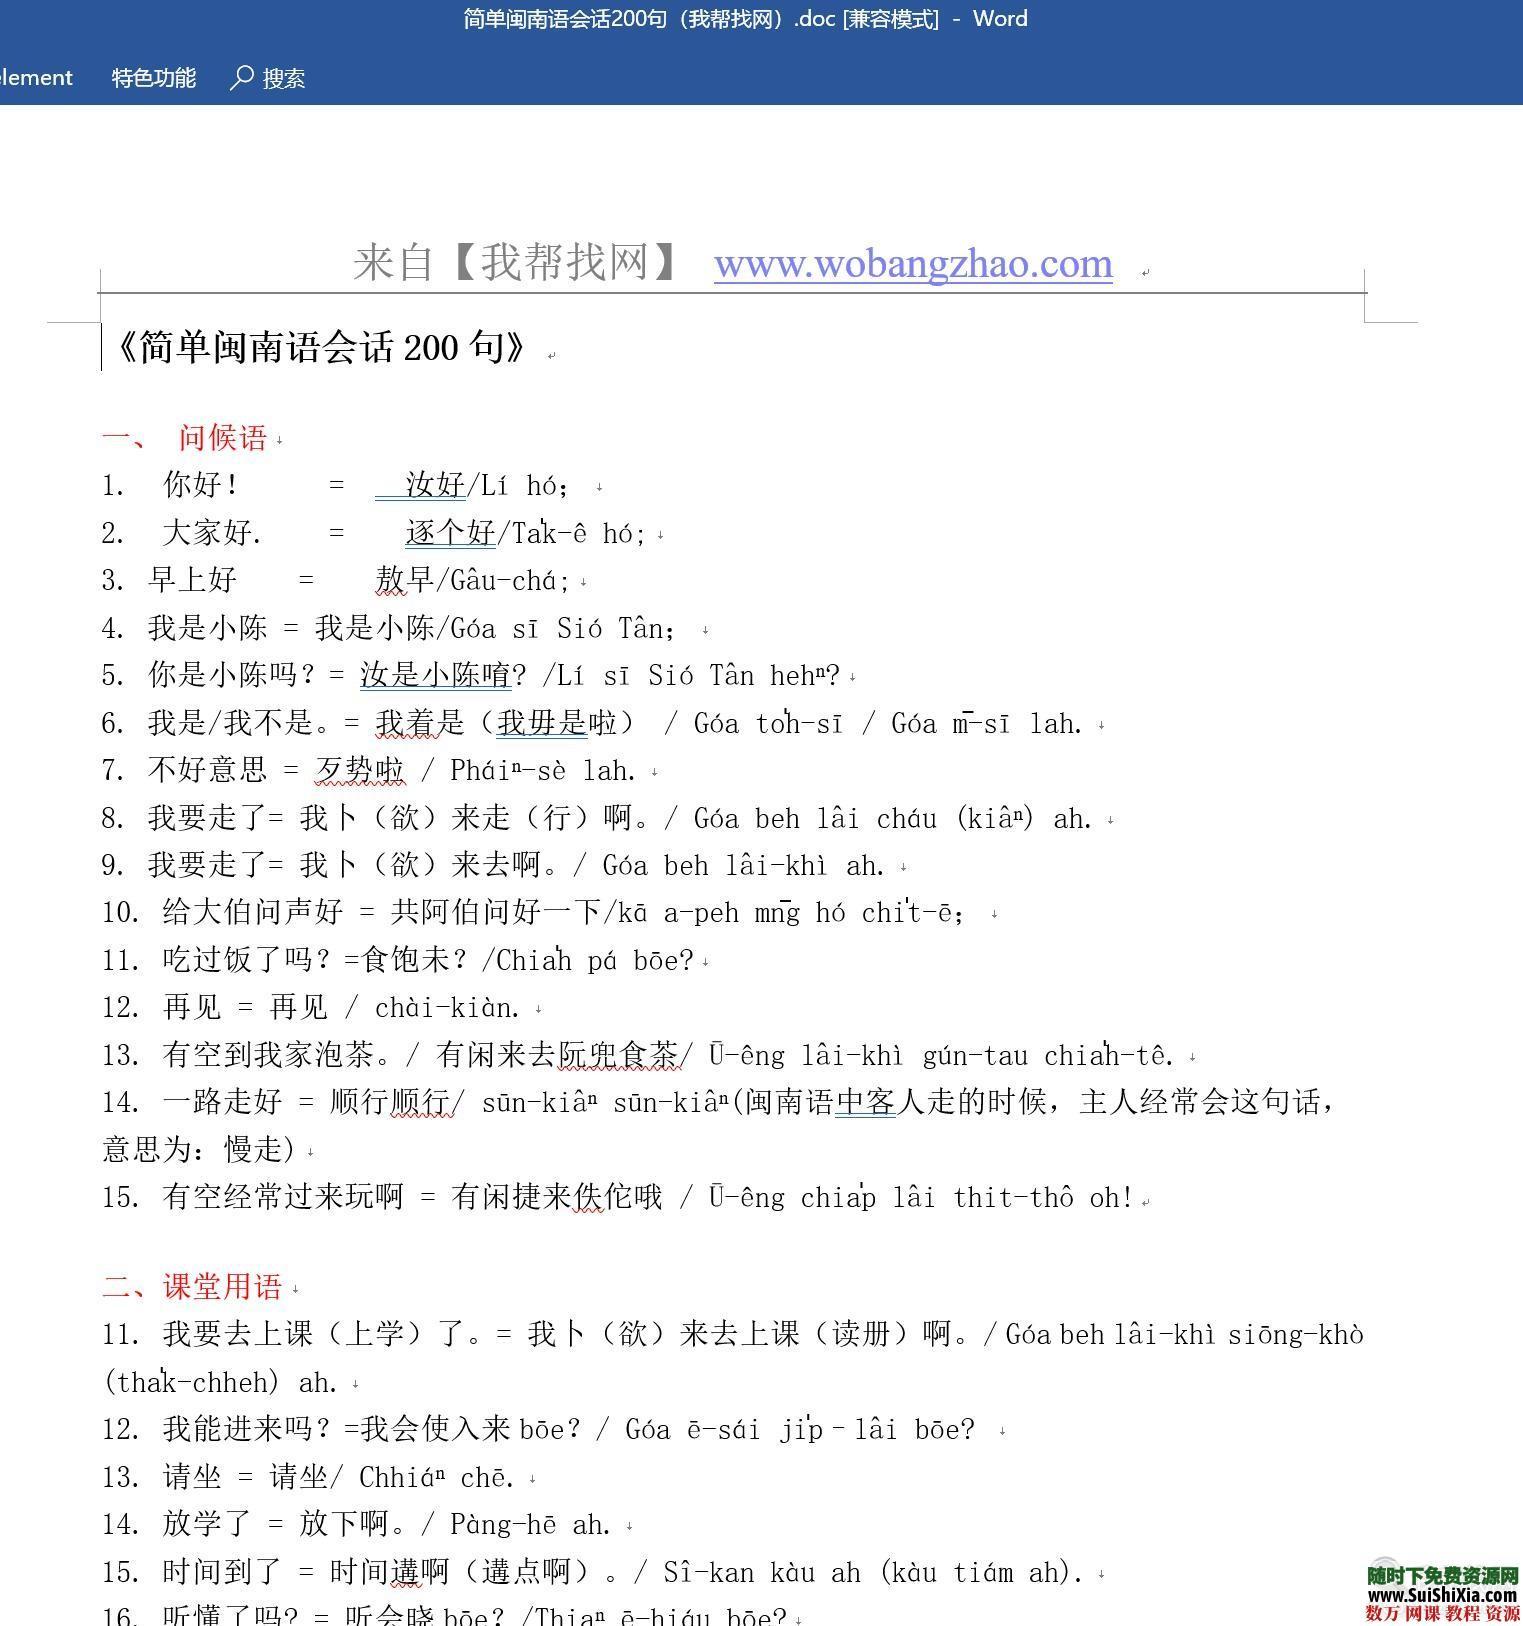 零基础闽南语泉州话厦门话台湾话教程资料全套大量MP3教学速成软件800句 第4张